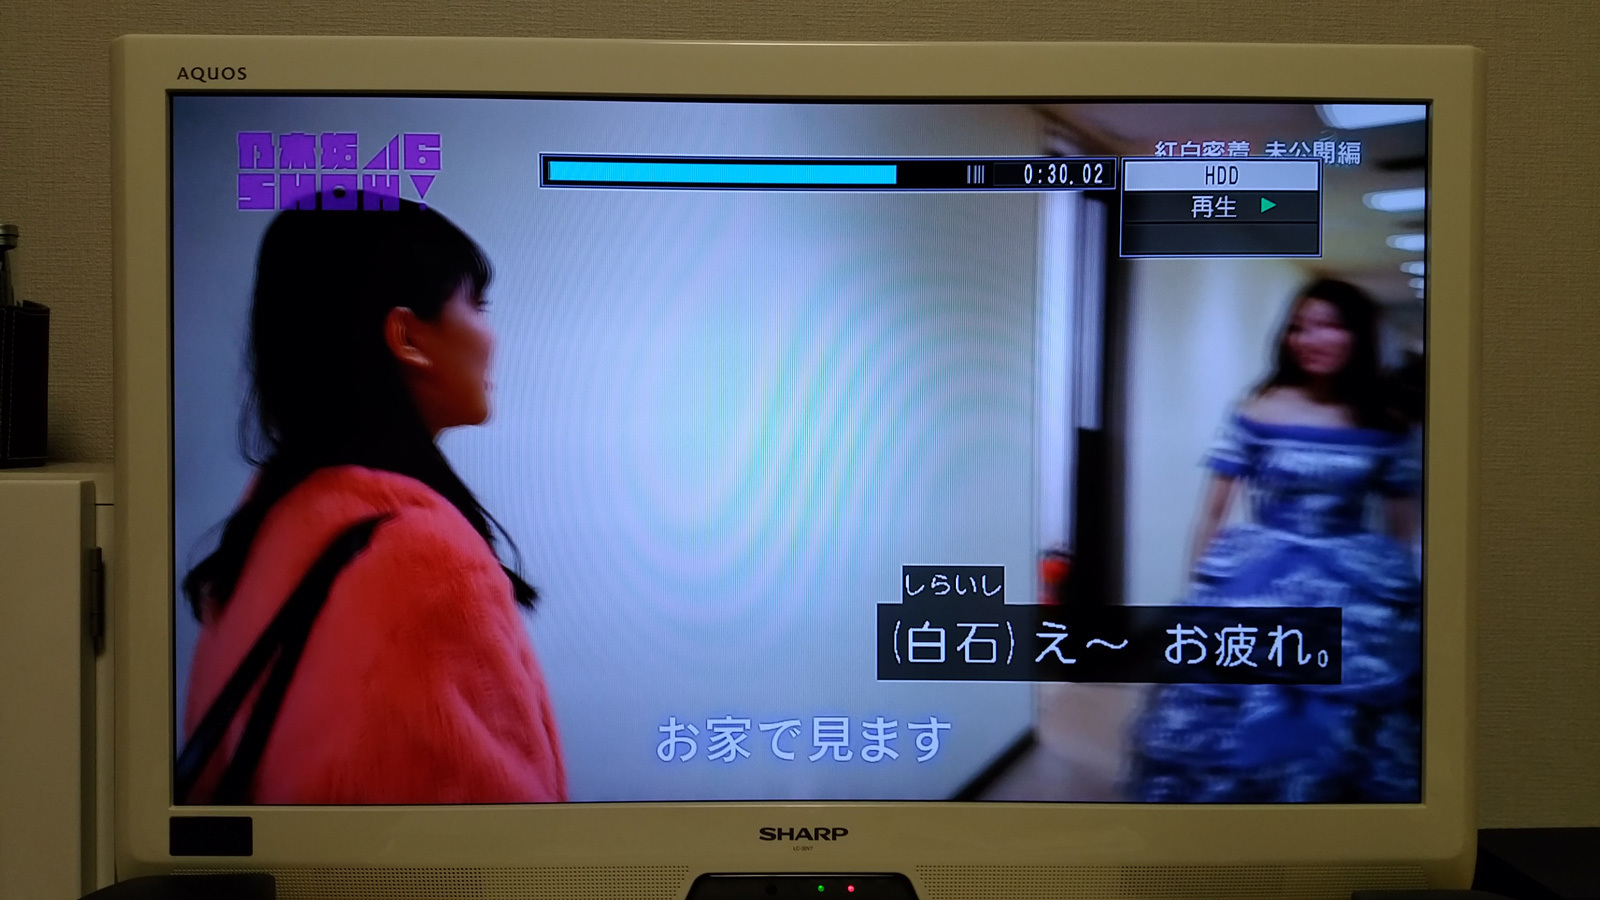 【乃木坂46SHOW!】桜井玲香、字幕で名前を「白石麻衣」と間違えられる